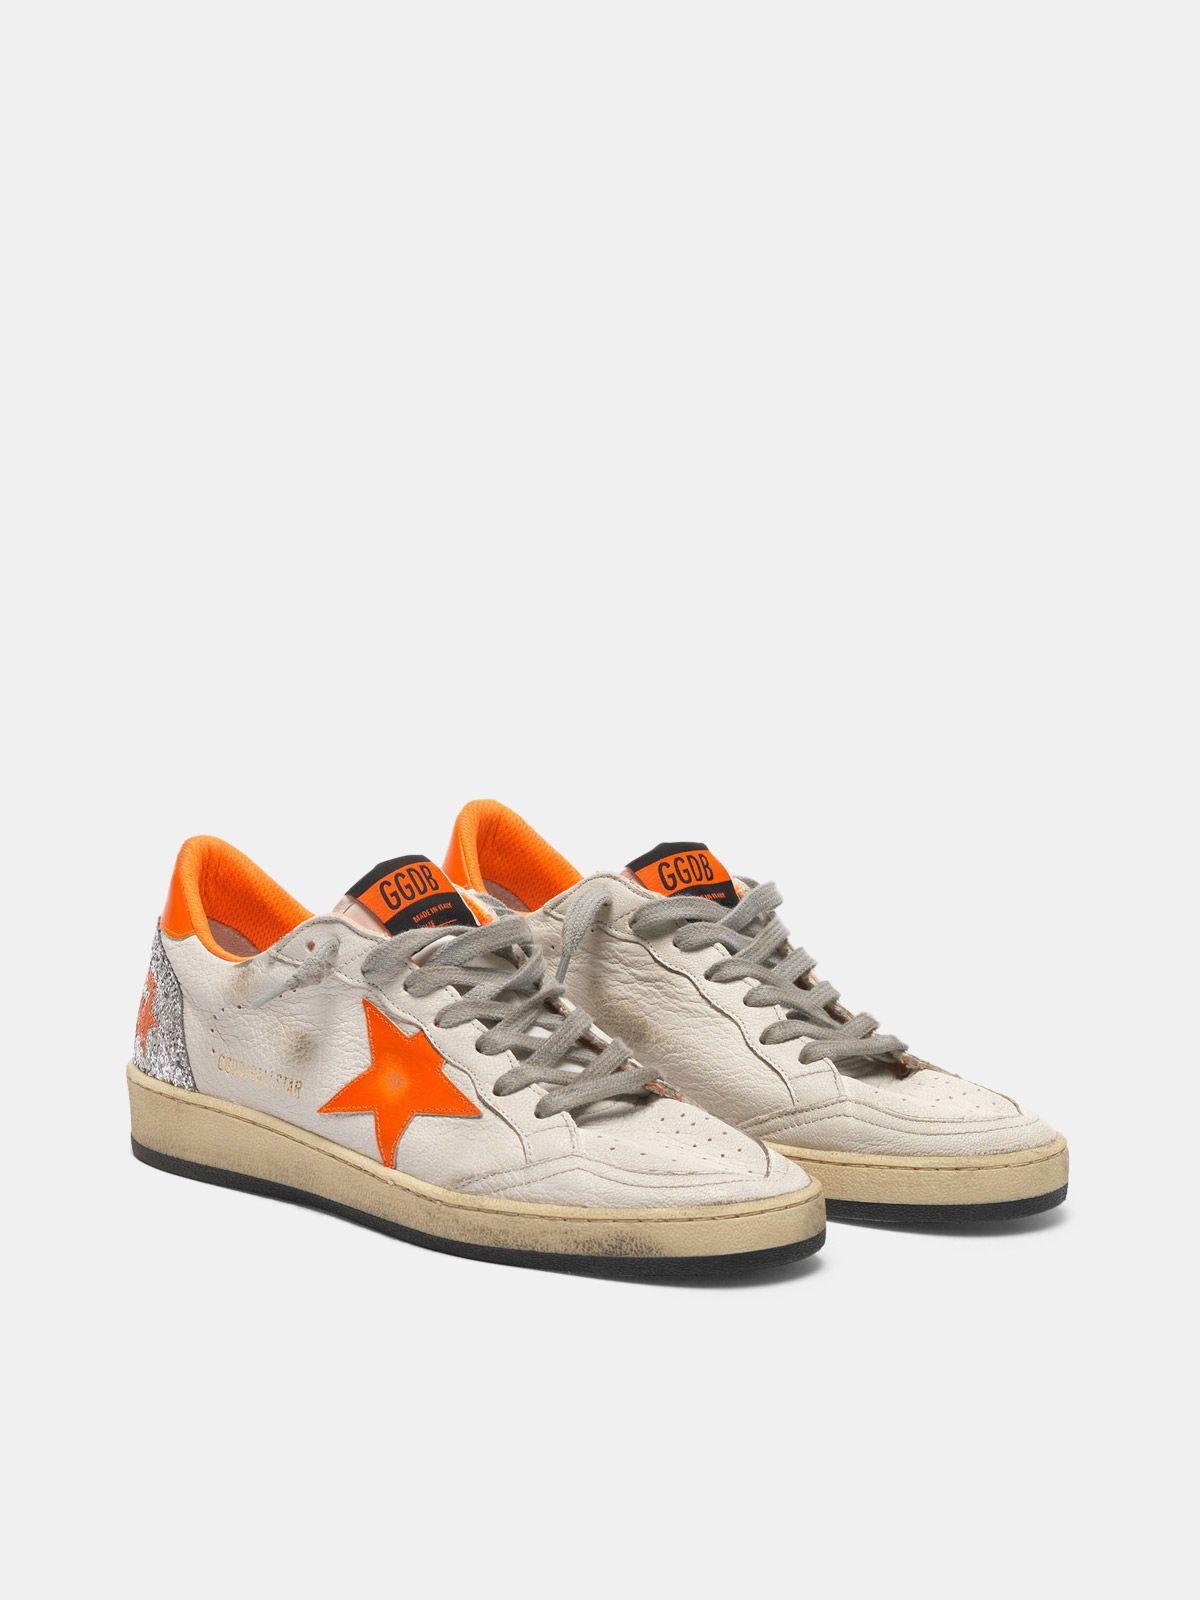 Golden Goose - Sneakers Ball Star con dettagli fluo e retro in glitter in